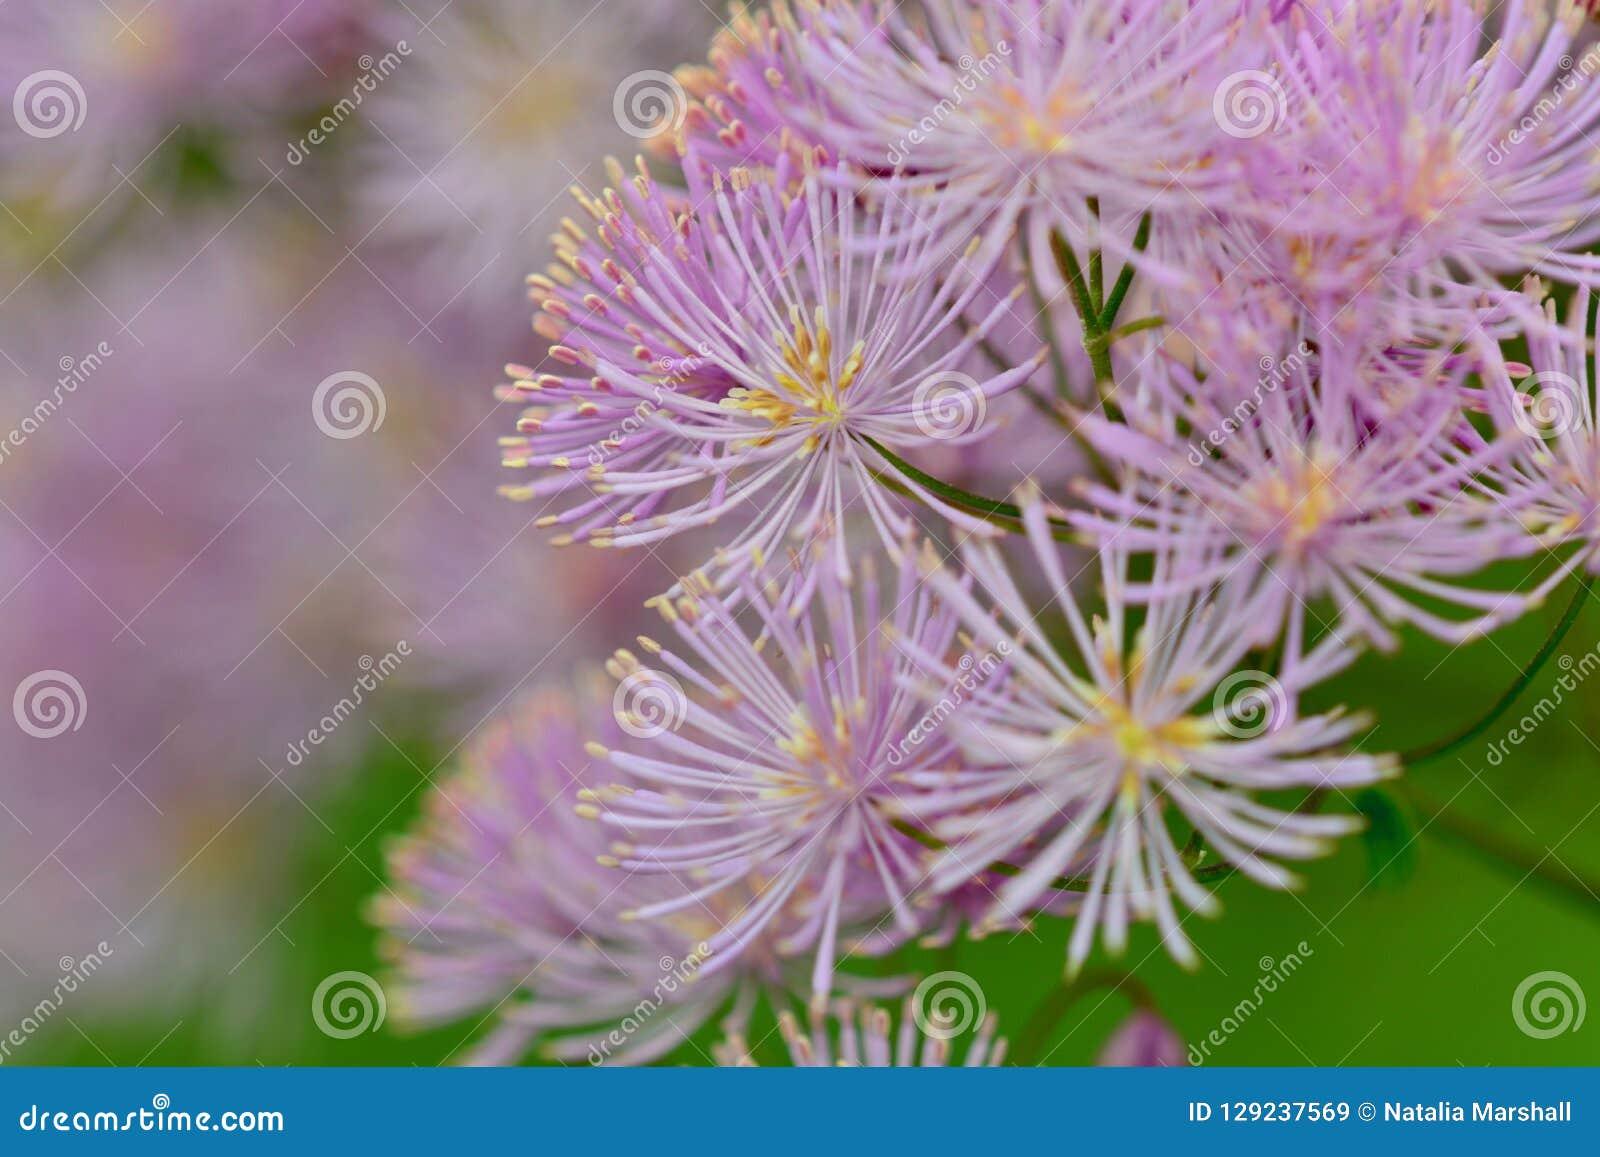 Zamyka w górę fotografii menchia kwiat, przypomina fajerwerki